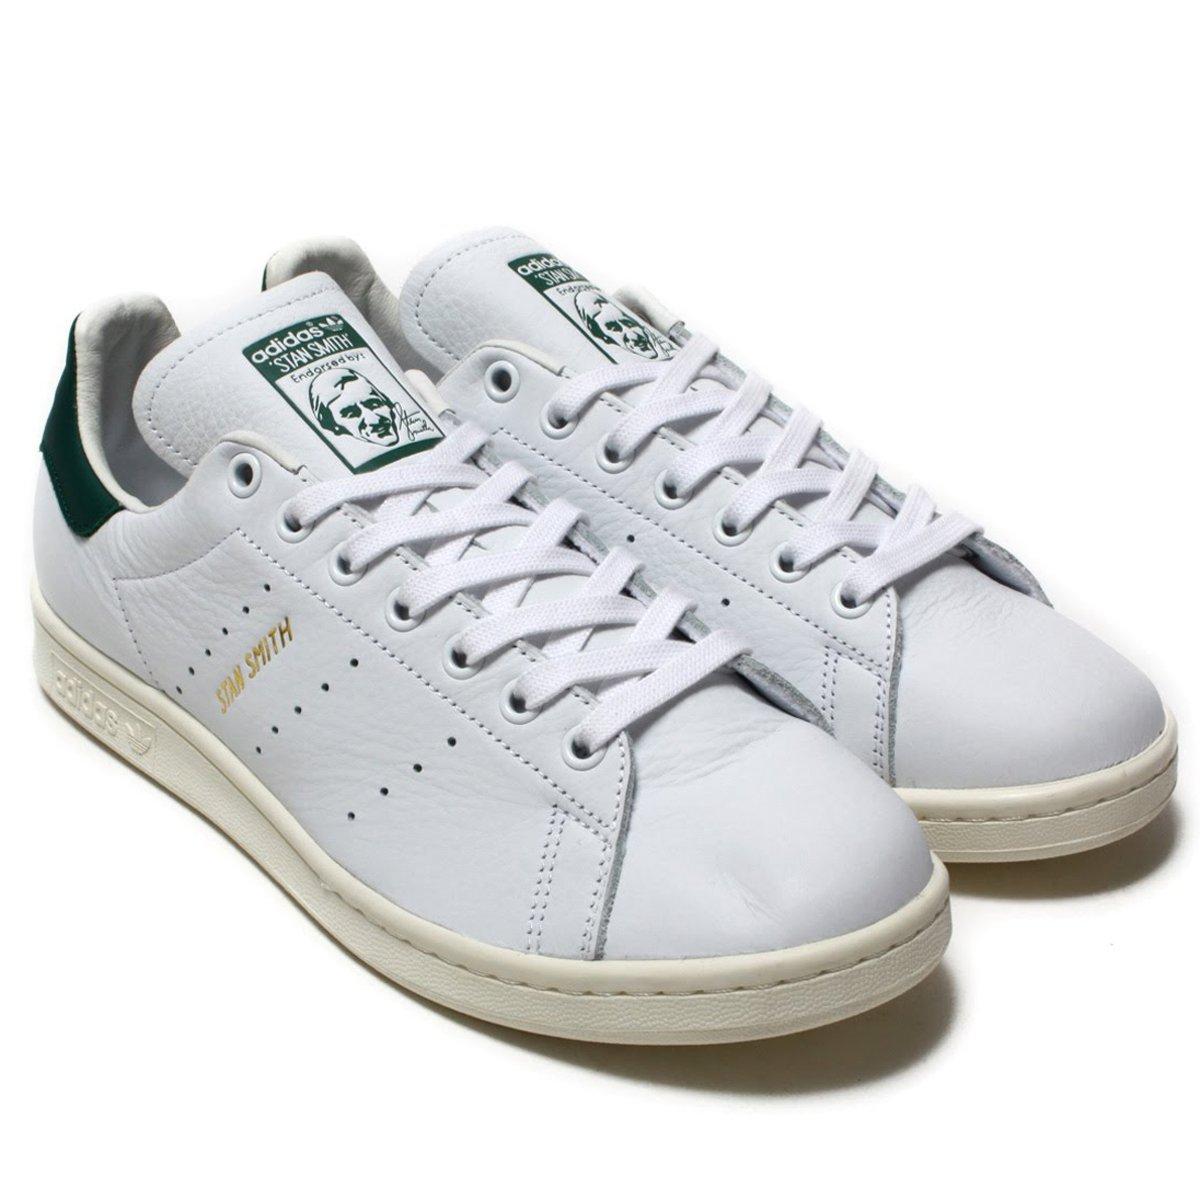 日本国内正規品 アディダス adidas オリジナルス スタンスミス 〔STAN SMITH〕 ランニングホワイト/ランニングホワイト/カレッジエイトグリーン CQ2871 B079JR8Y4Q